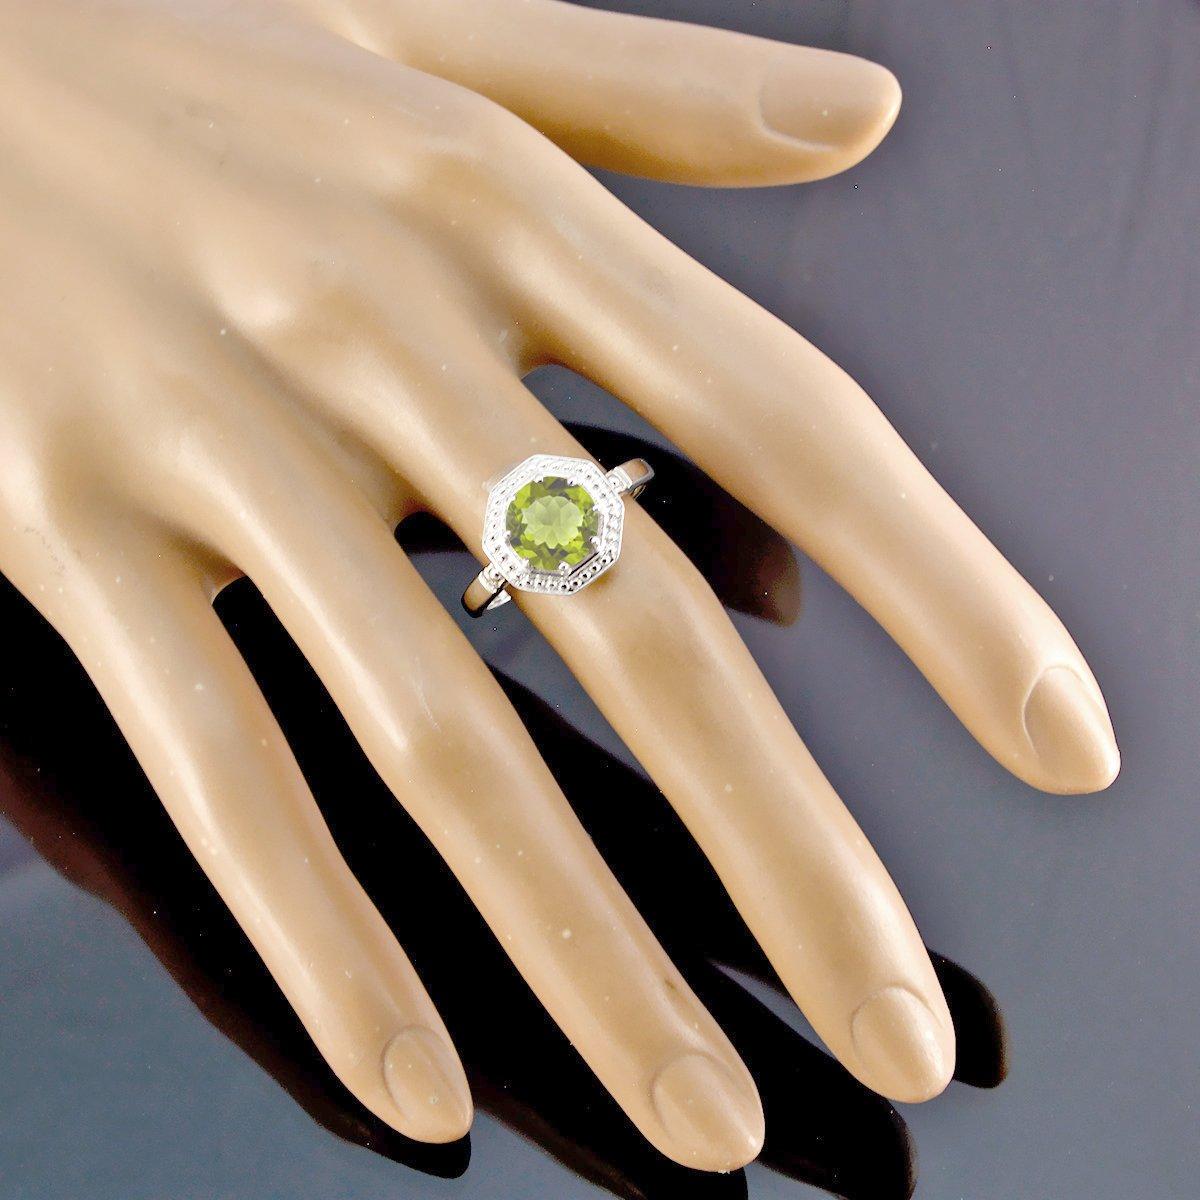 piedras preciosas redondas anillo de peridoto facetado redondo - peridoto verde plata macizo anillo de piedras preciosas bueno - joyas hechas a mano tiendas ...